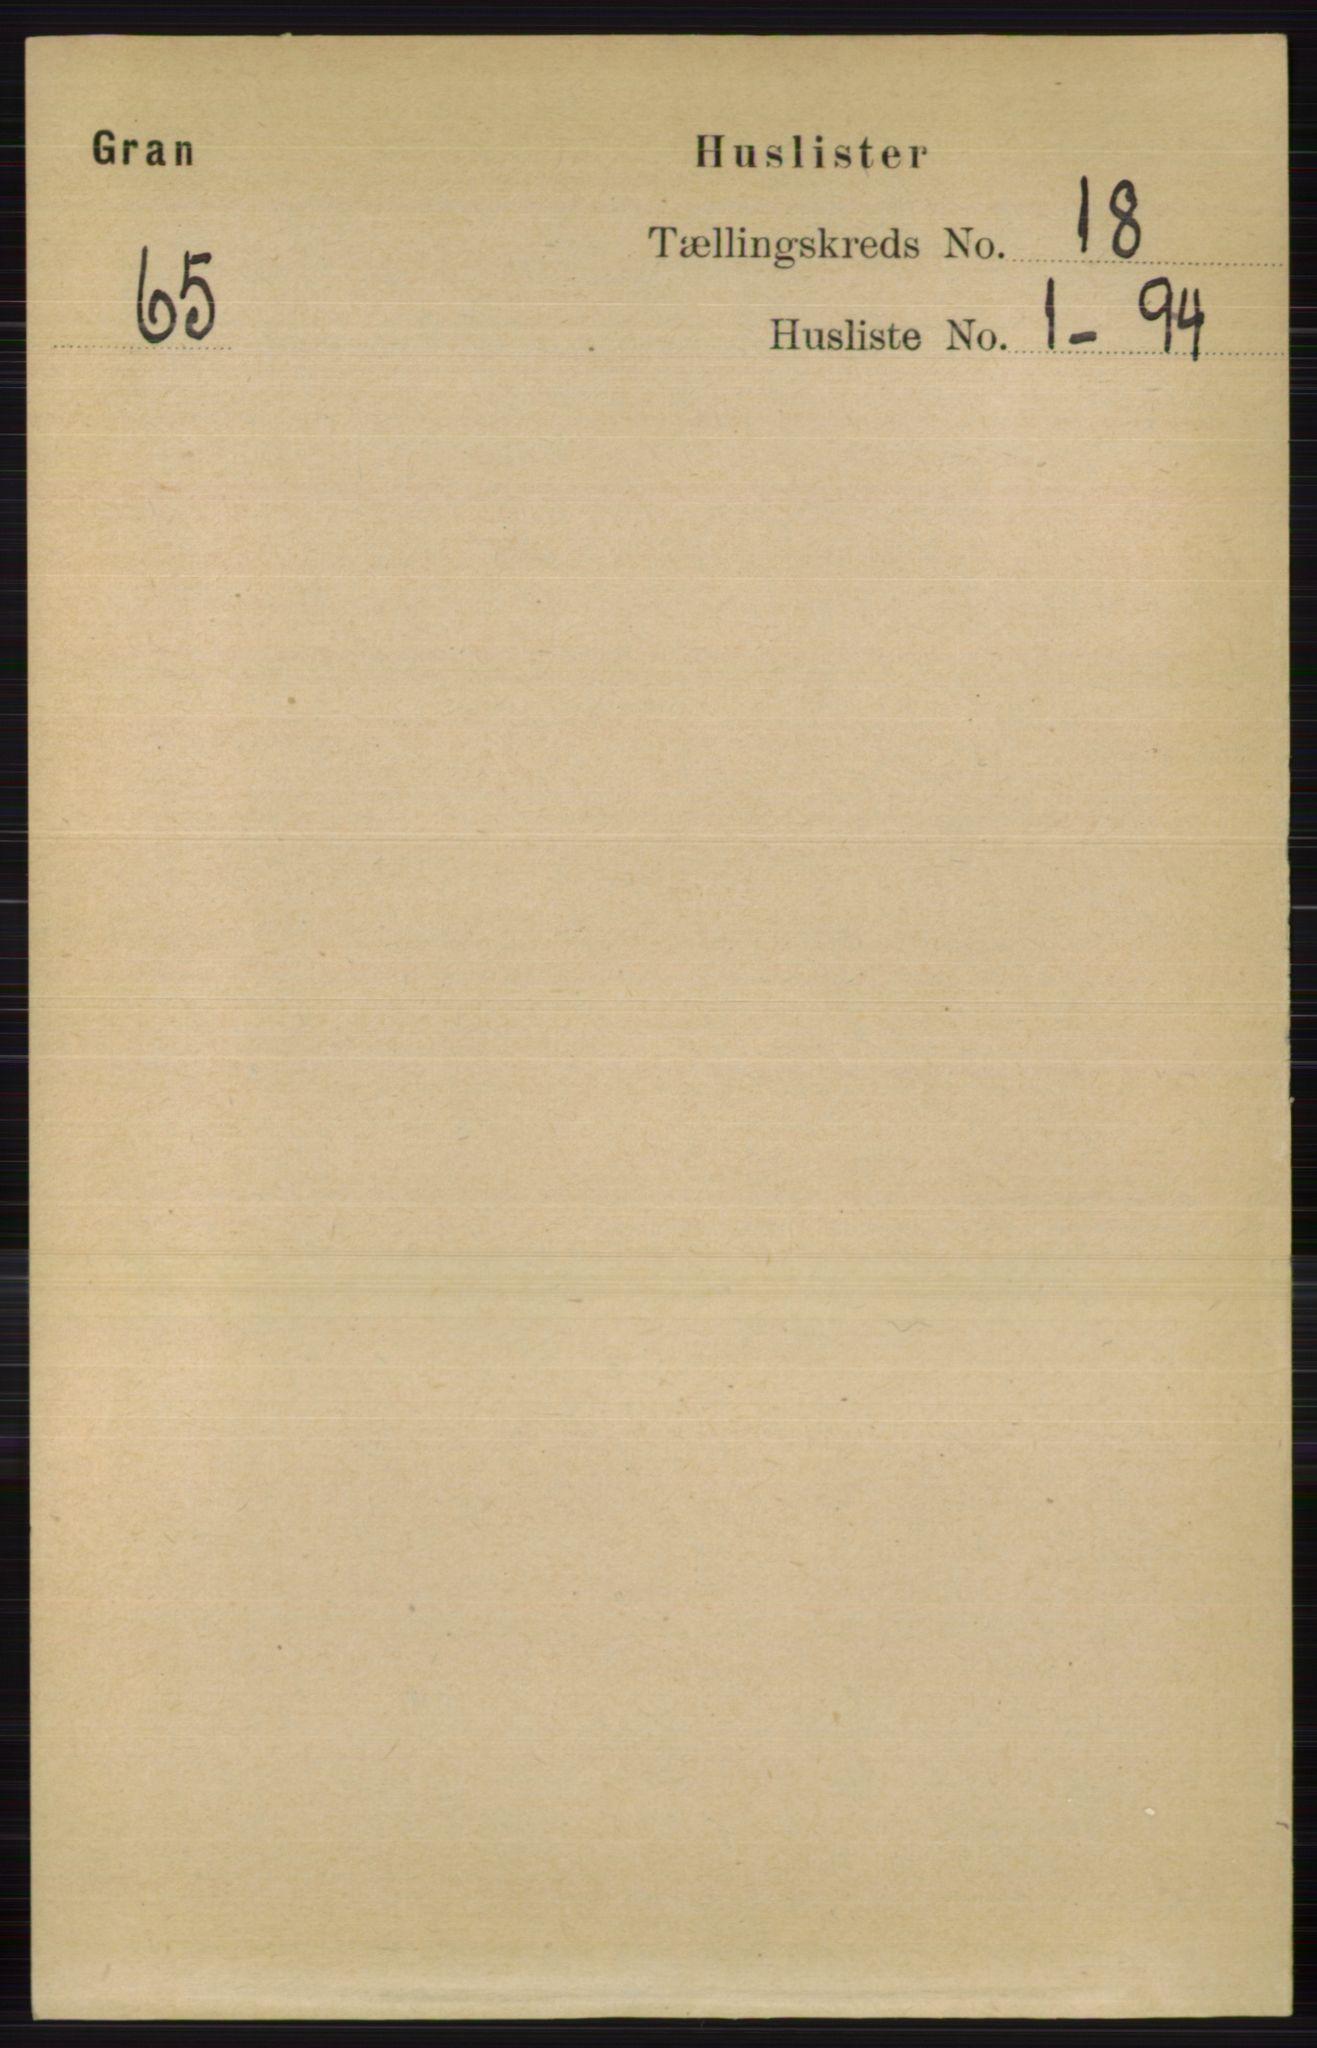 RA, Folketelling 1891 for 0534 Gran herred, 1891, s. 9436